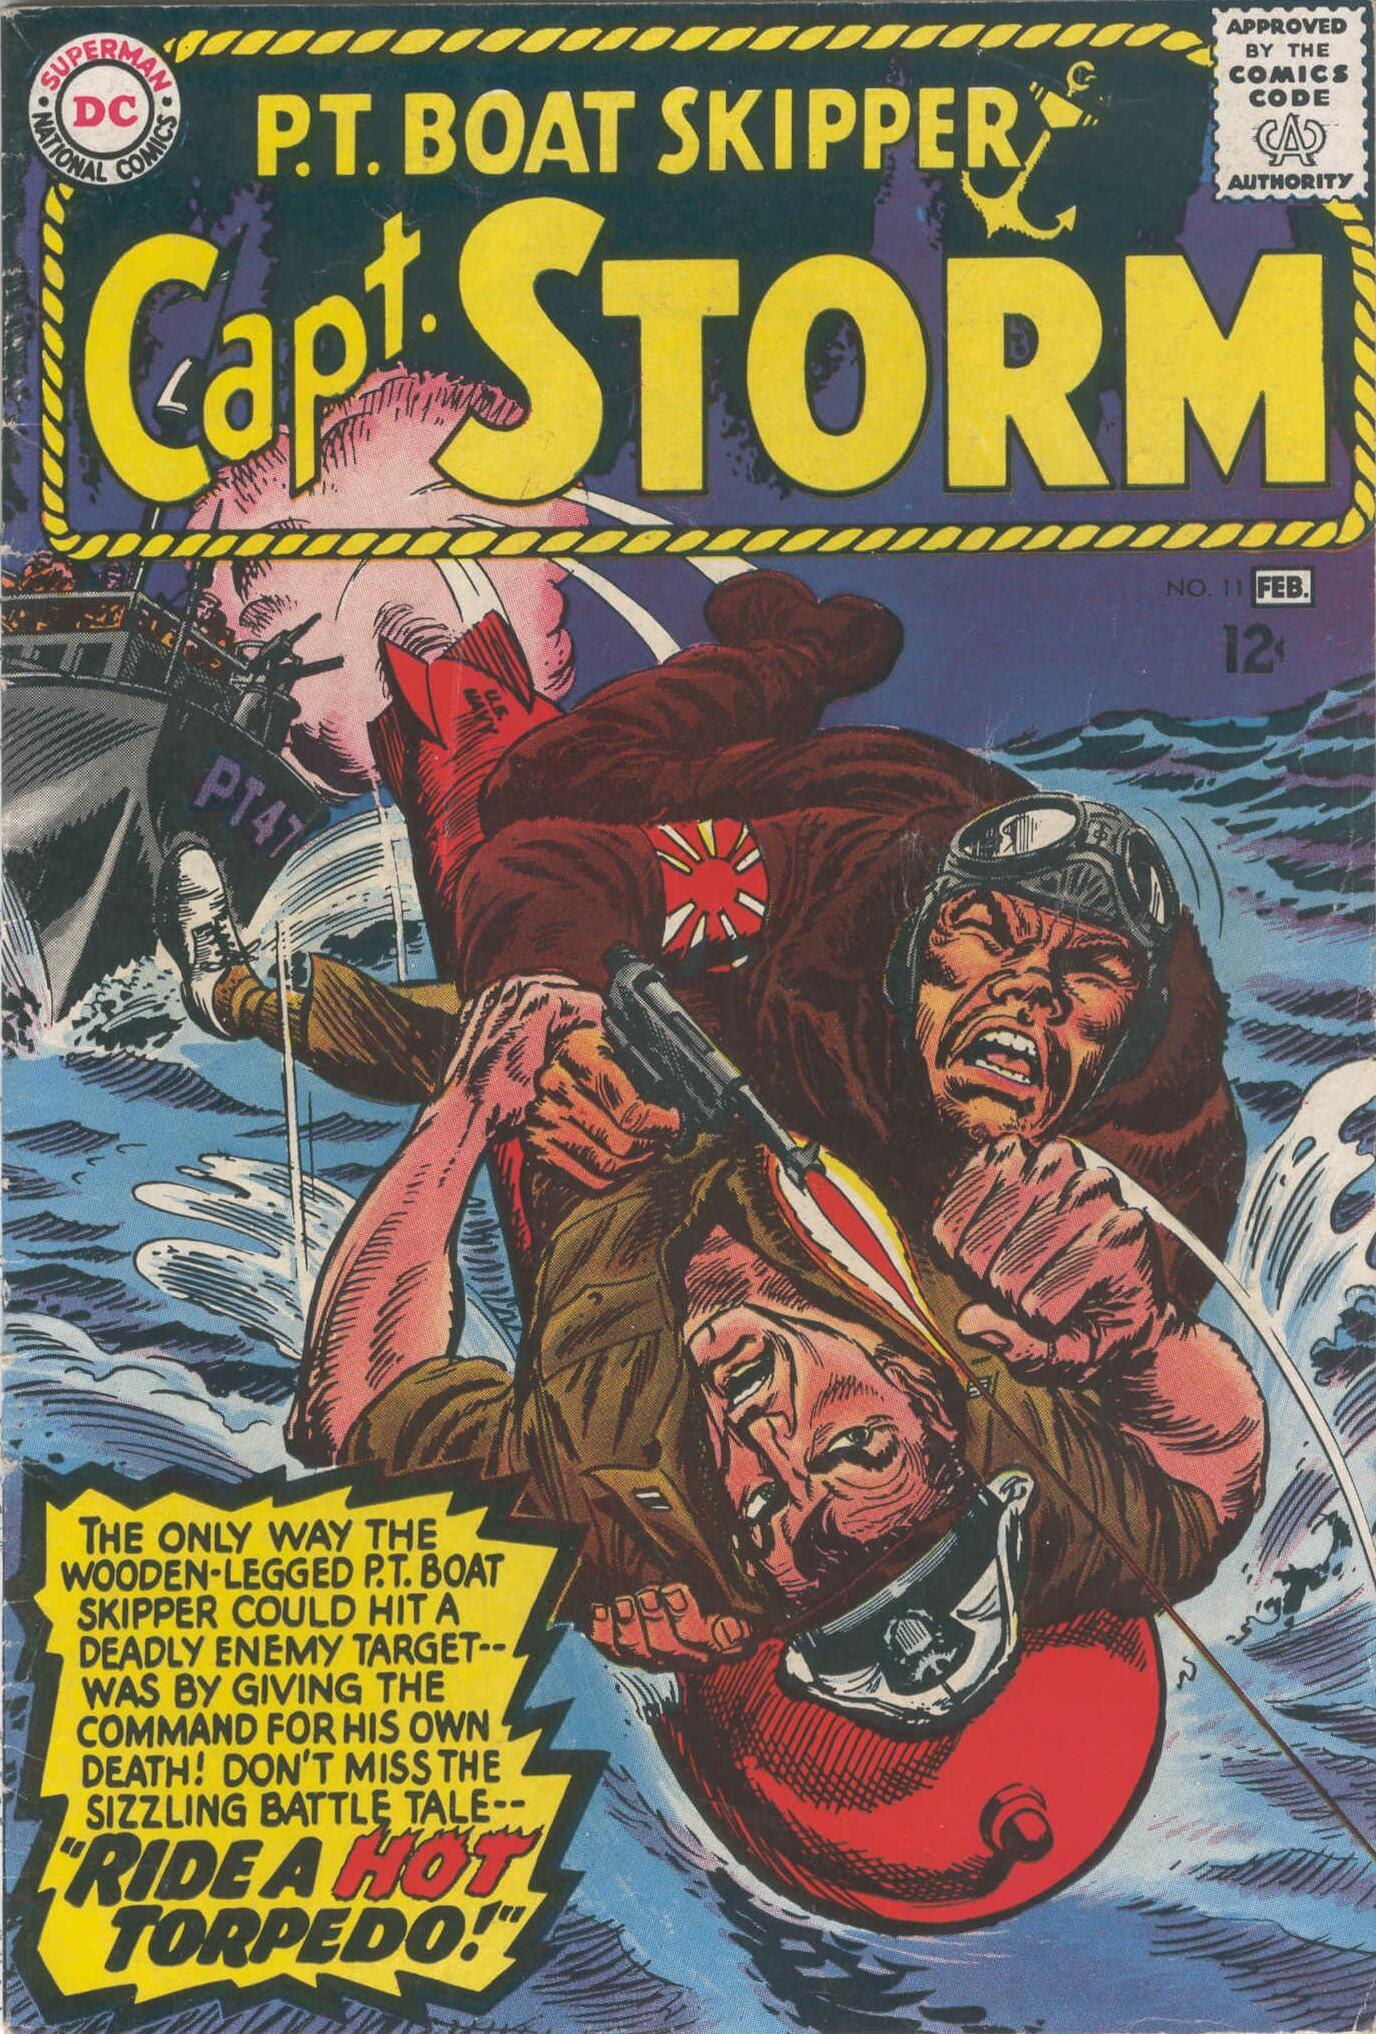 Capt. Storm 11 Page 1